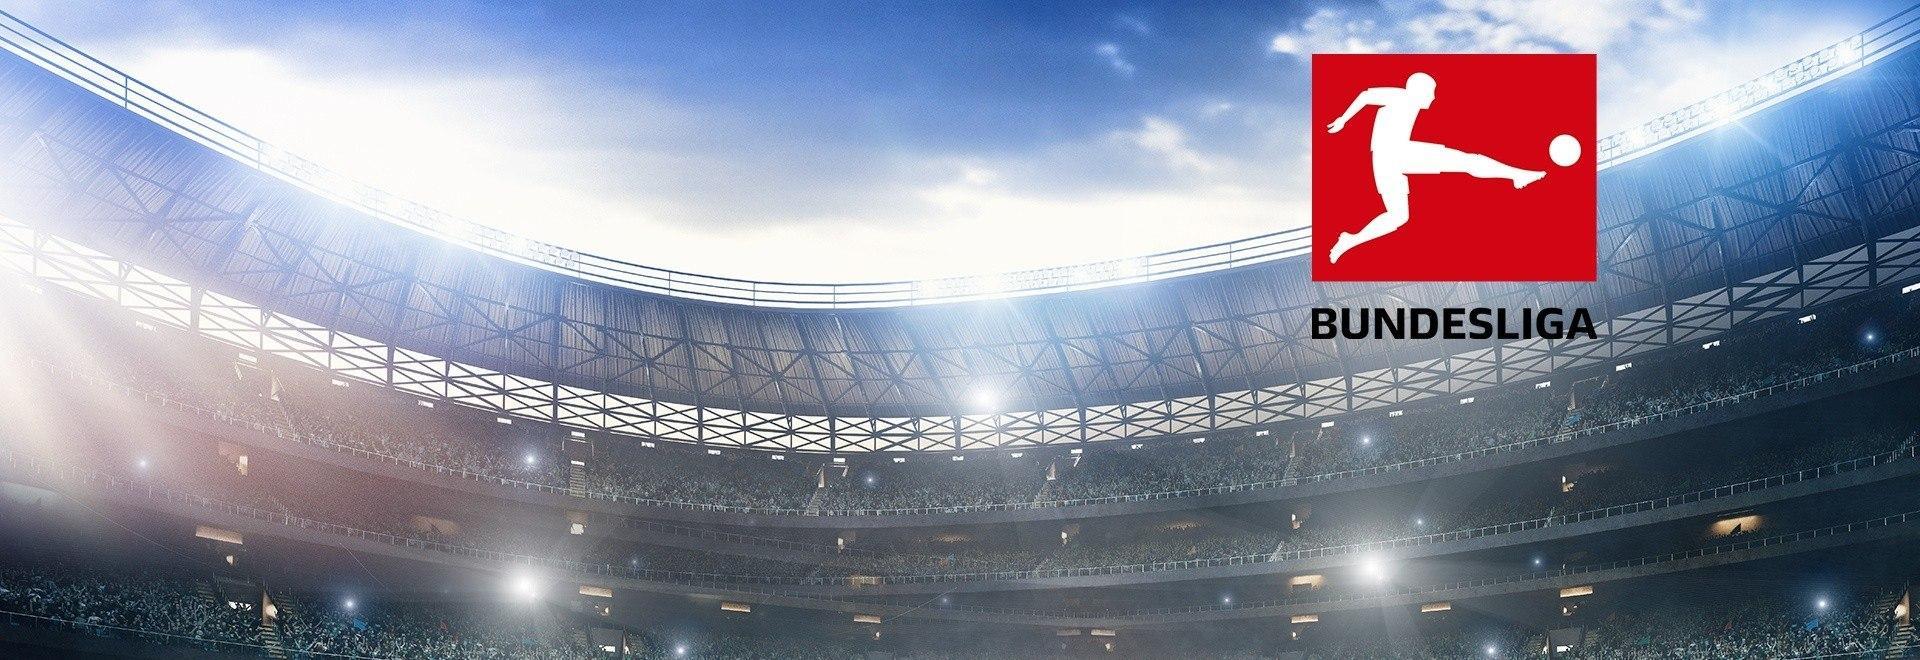 Borussia D. - Borussia M. 1a g.